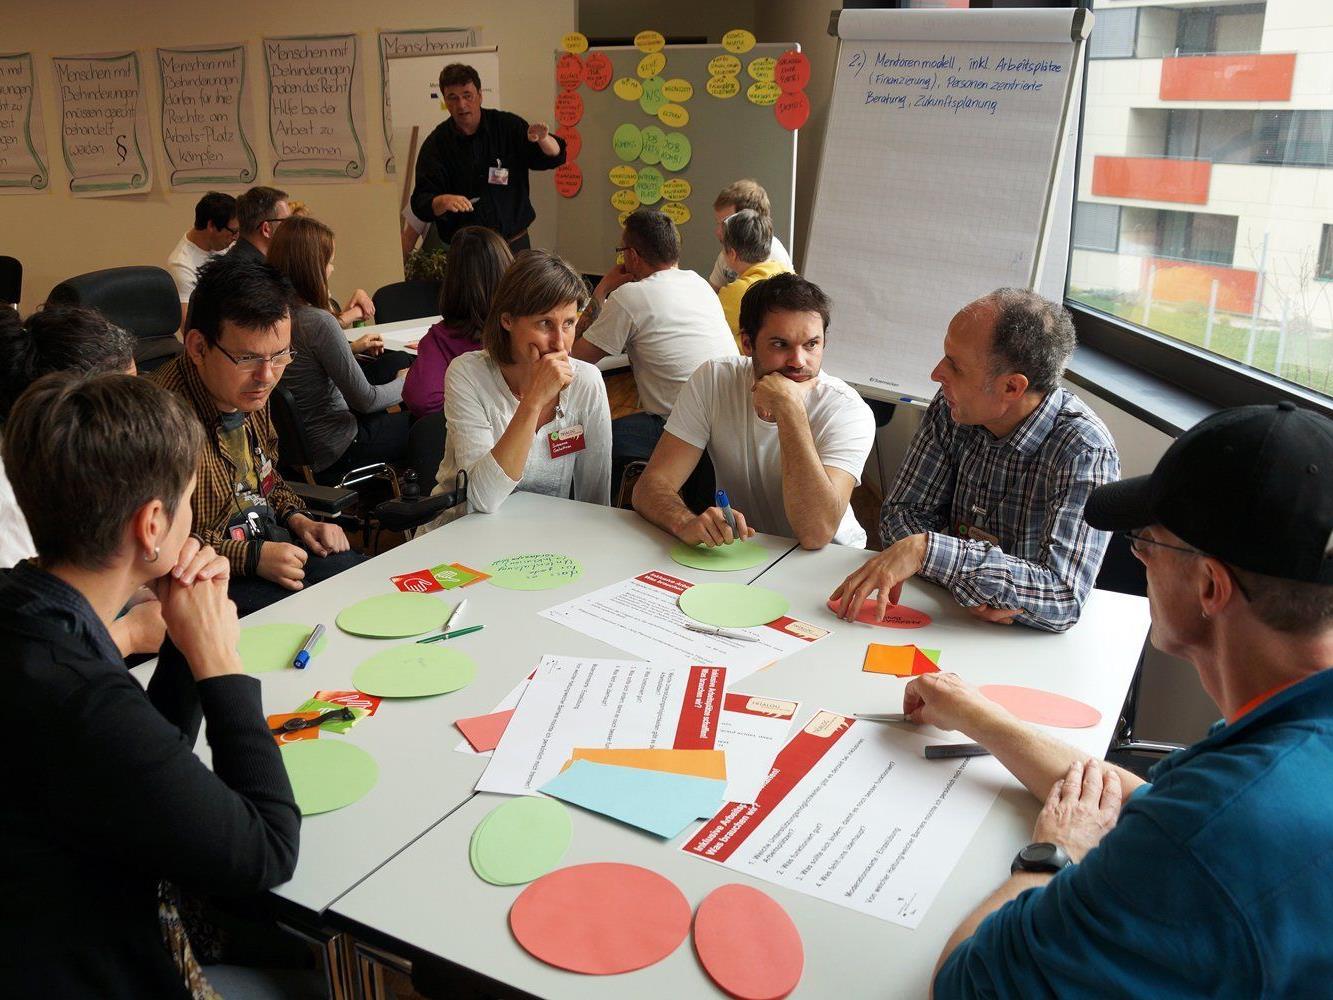 Rund 80 interessierte Personen nahmen am Trialog-Workshop in Götzis teil.